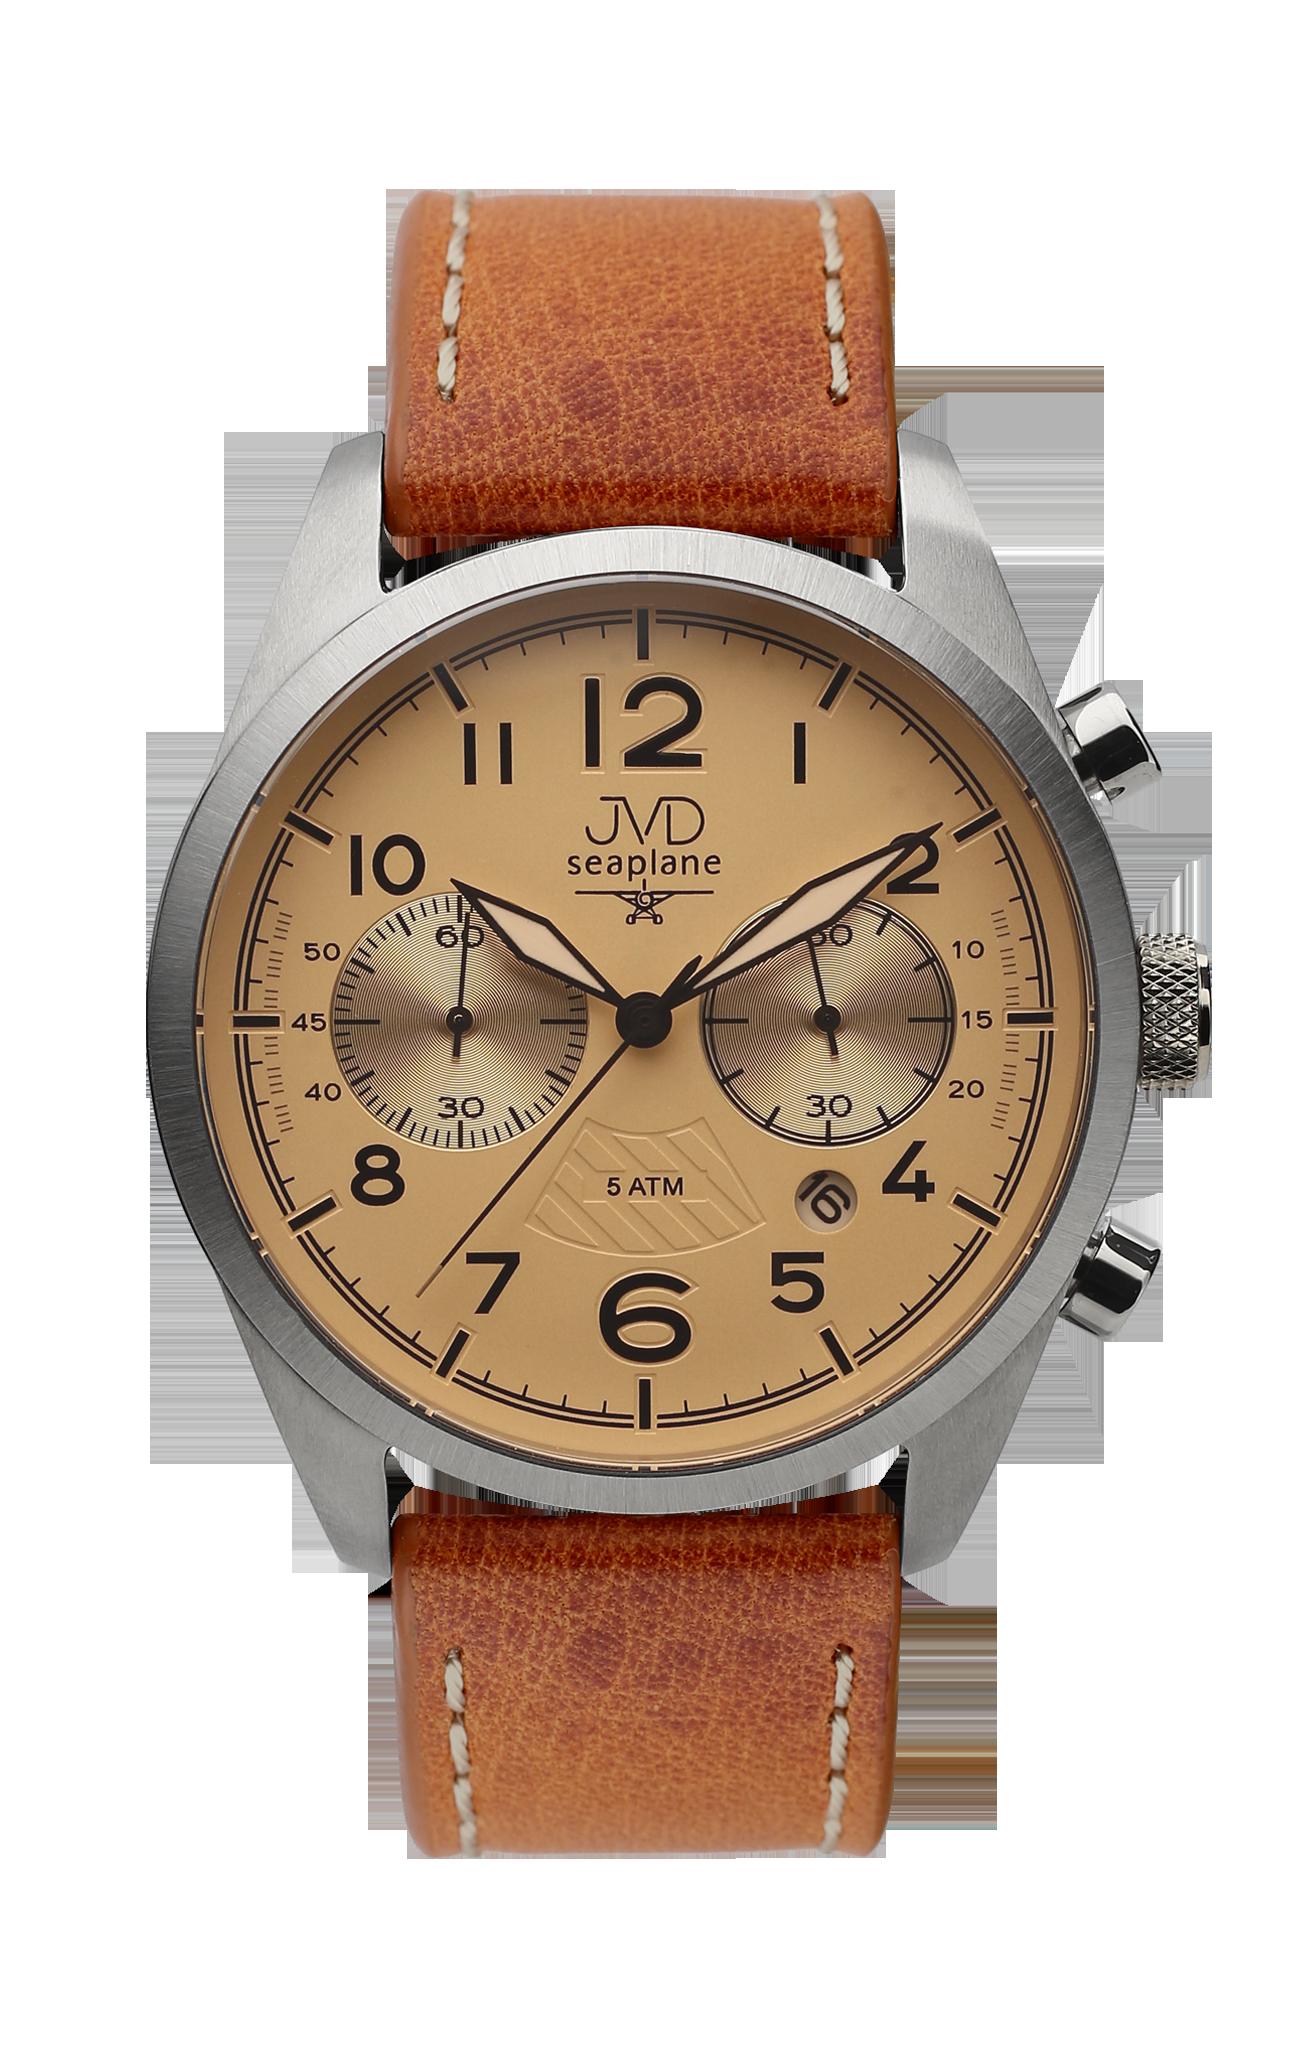 Mohutné pánské náramkové hodinky Seaplane CASUAL JC678.4 (POŠTOVNÉ ZDARMA!!)